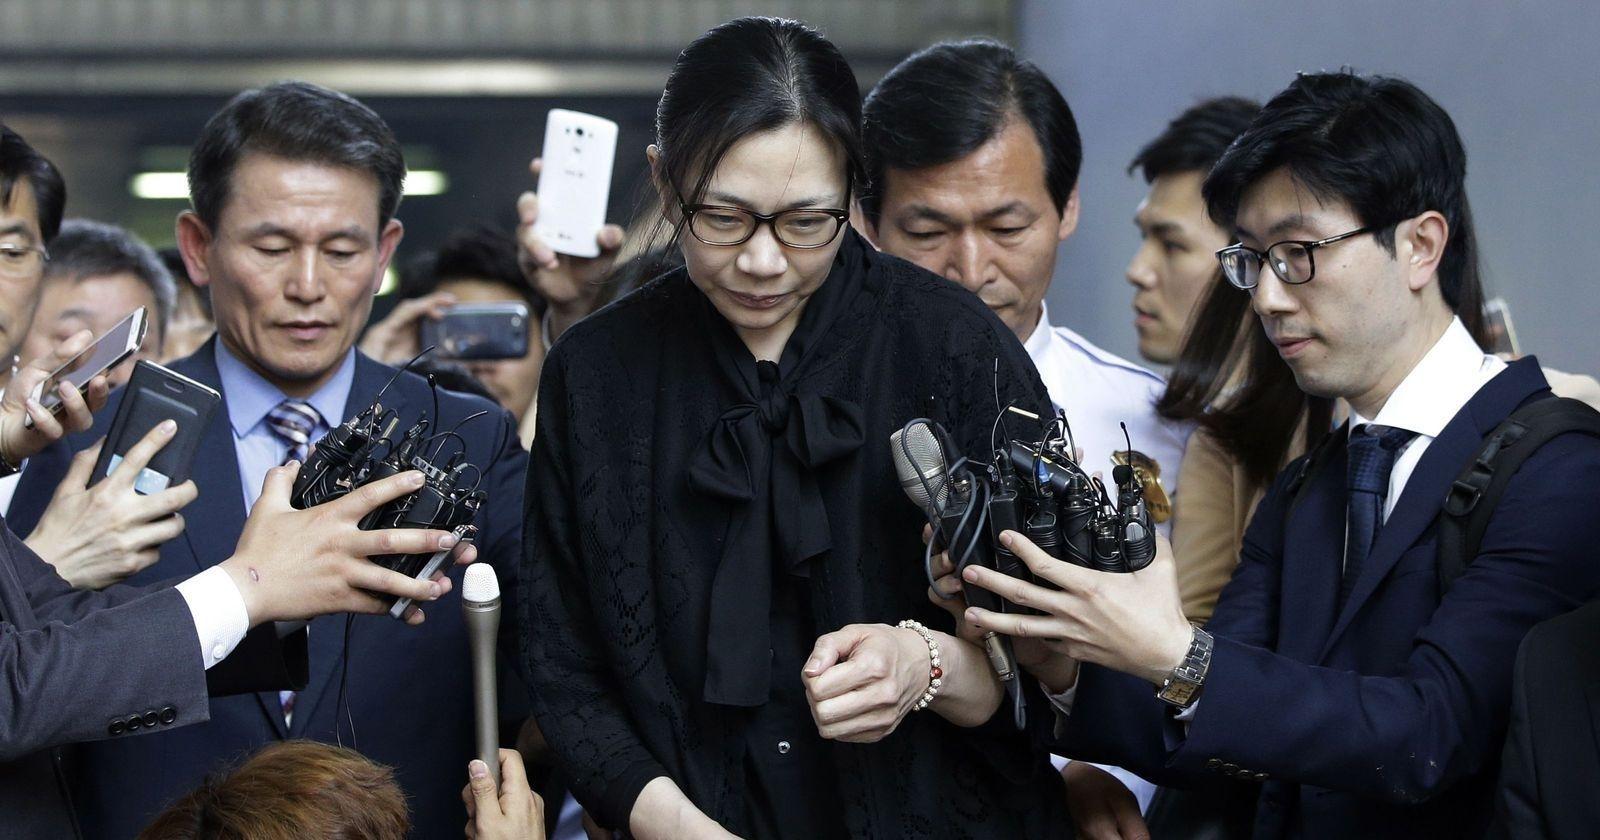 Korean Air компанийн өв залгамжлагч хууль зөрчин гэрийн үйлчлэгч ажиллуулж байсан хэргээр байцаагдана